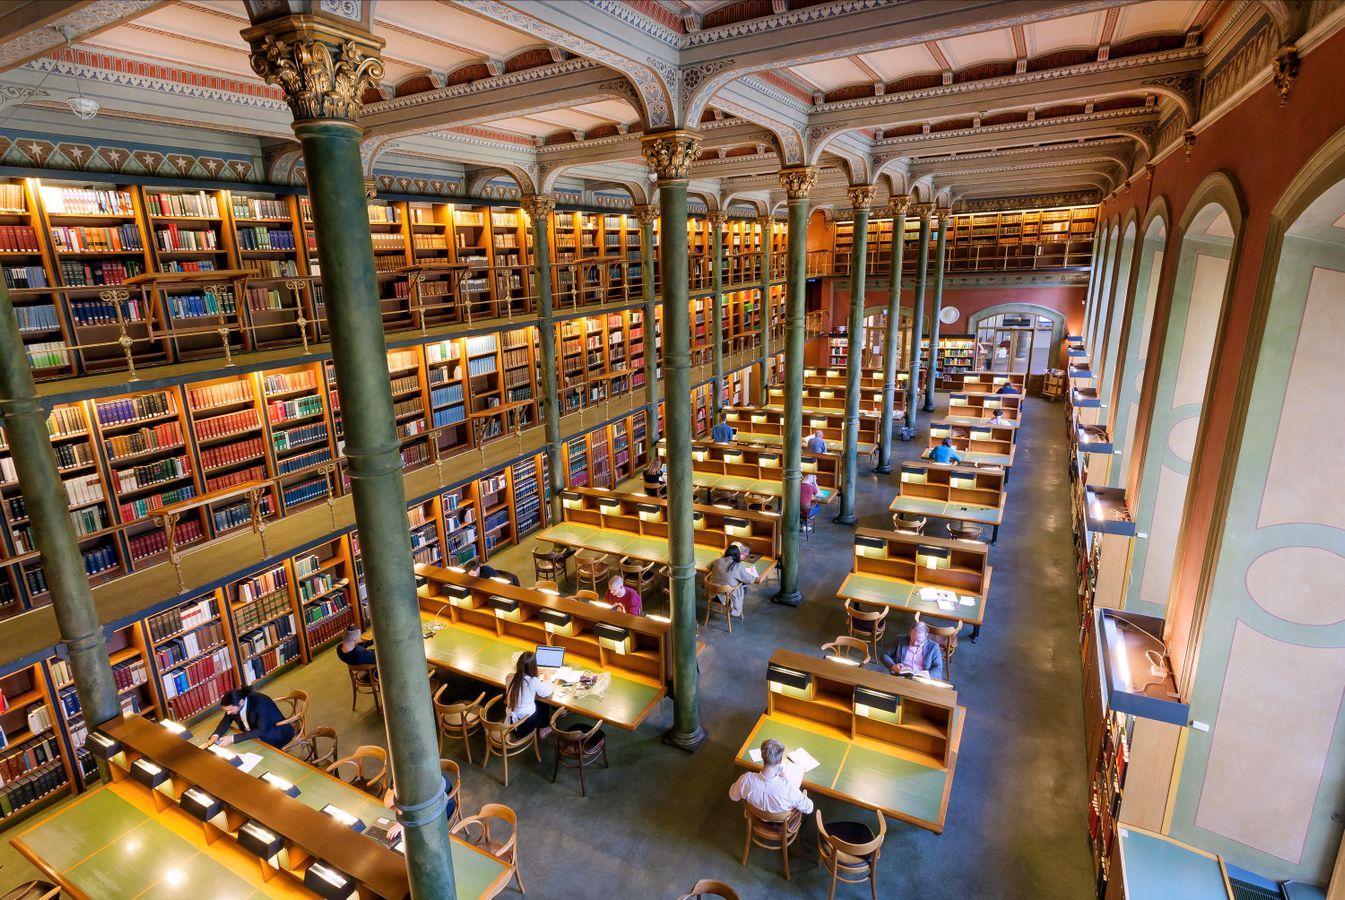 Bibliothèques face à la crise covid 19 : et après ?